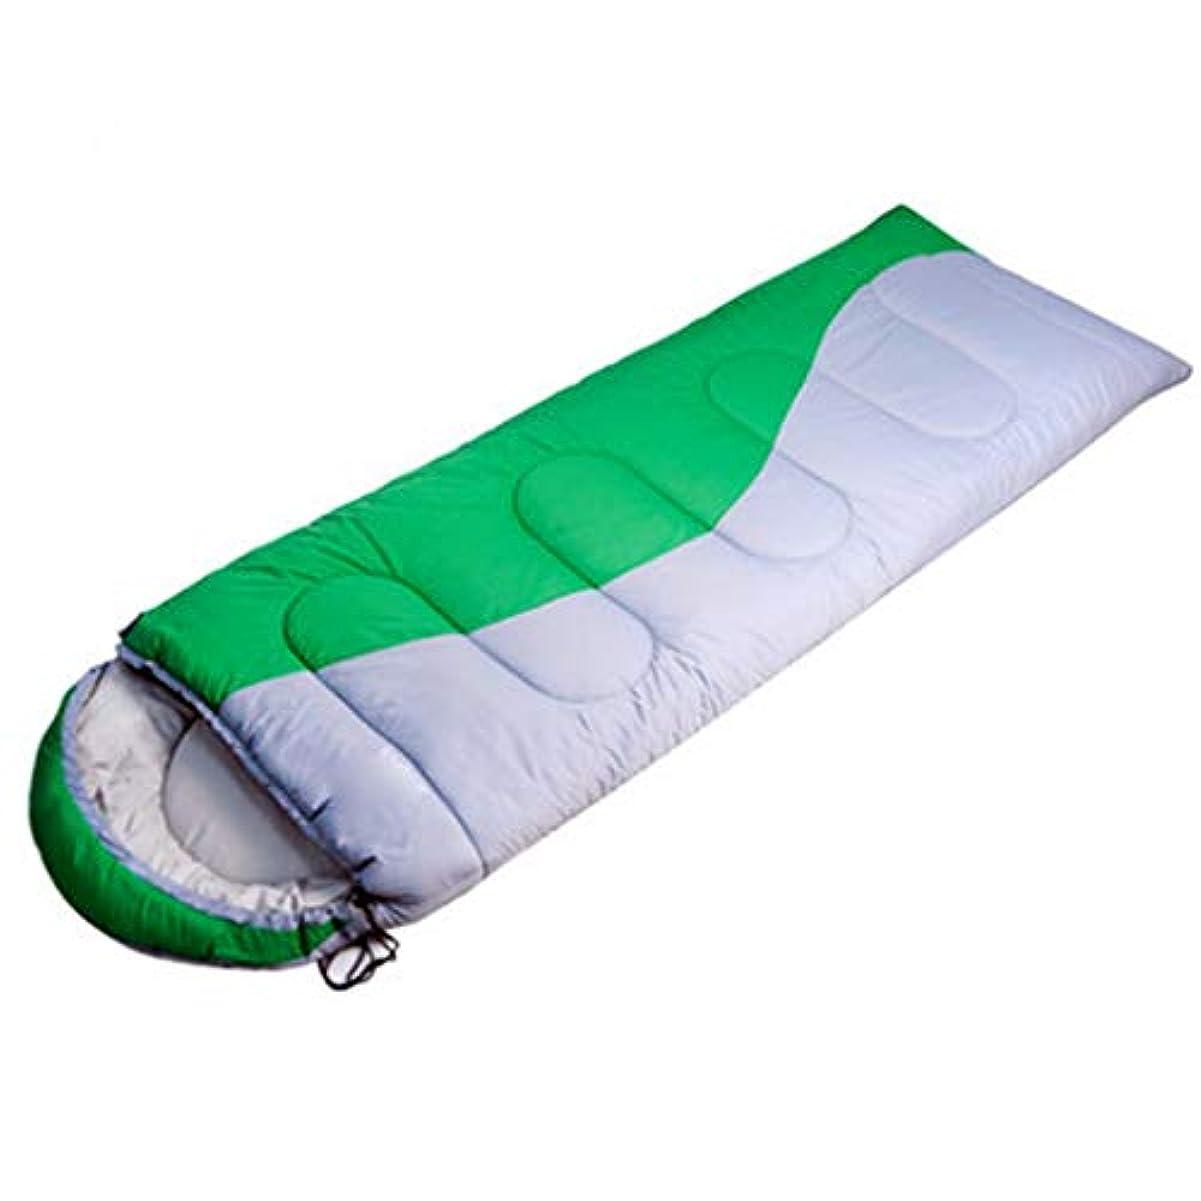 動脈目を覚ます一生寝袋 圧縮袋 寝袋 キャンプ アウトドア 寝袋 旅行 キャンプ 温かい寝袋 ステッチ付き アウトドア 寝袋